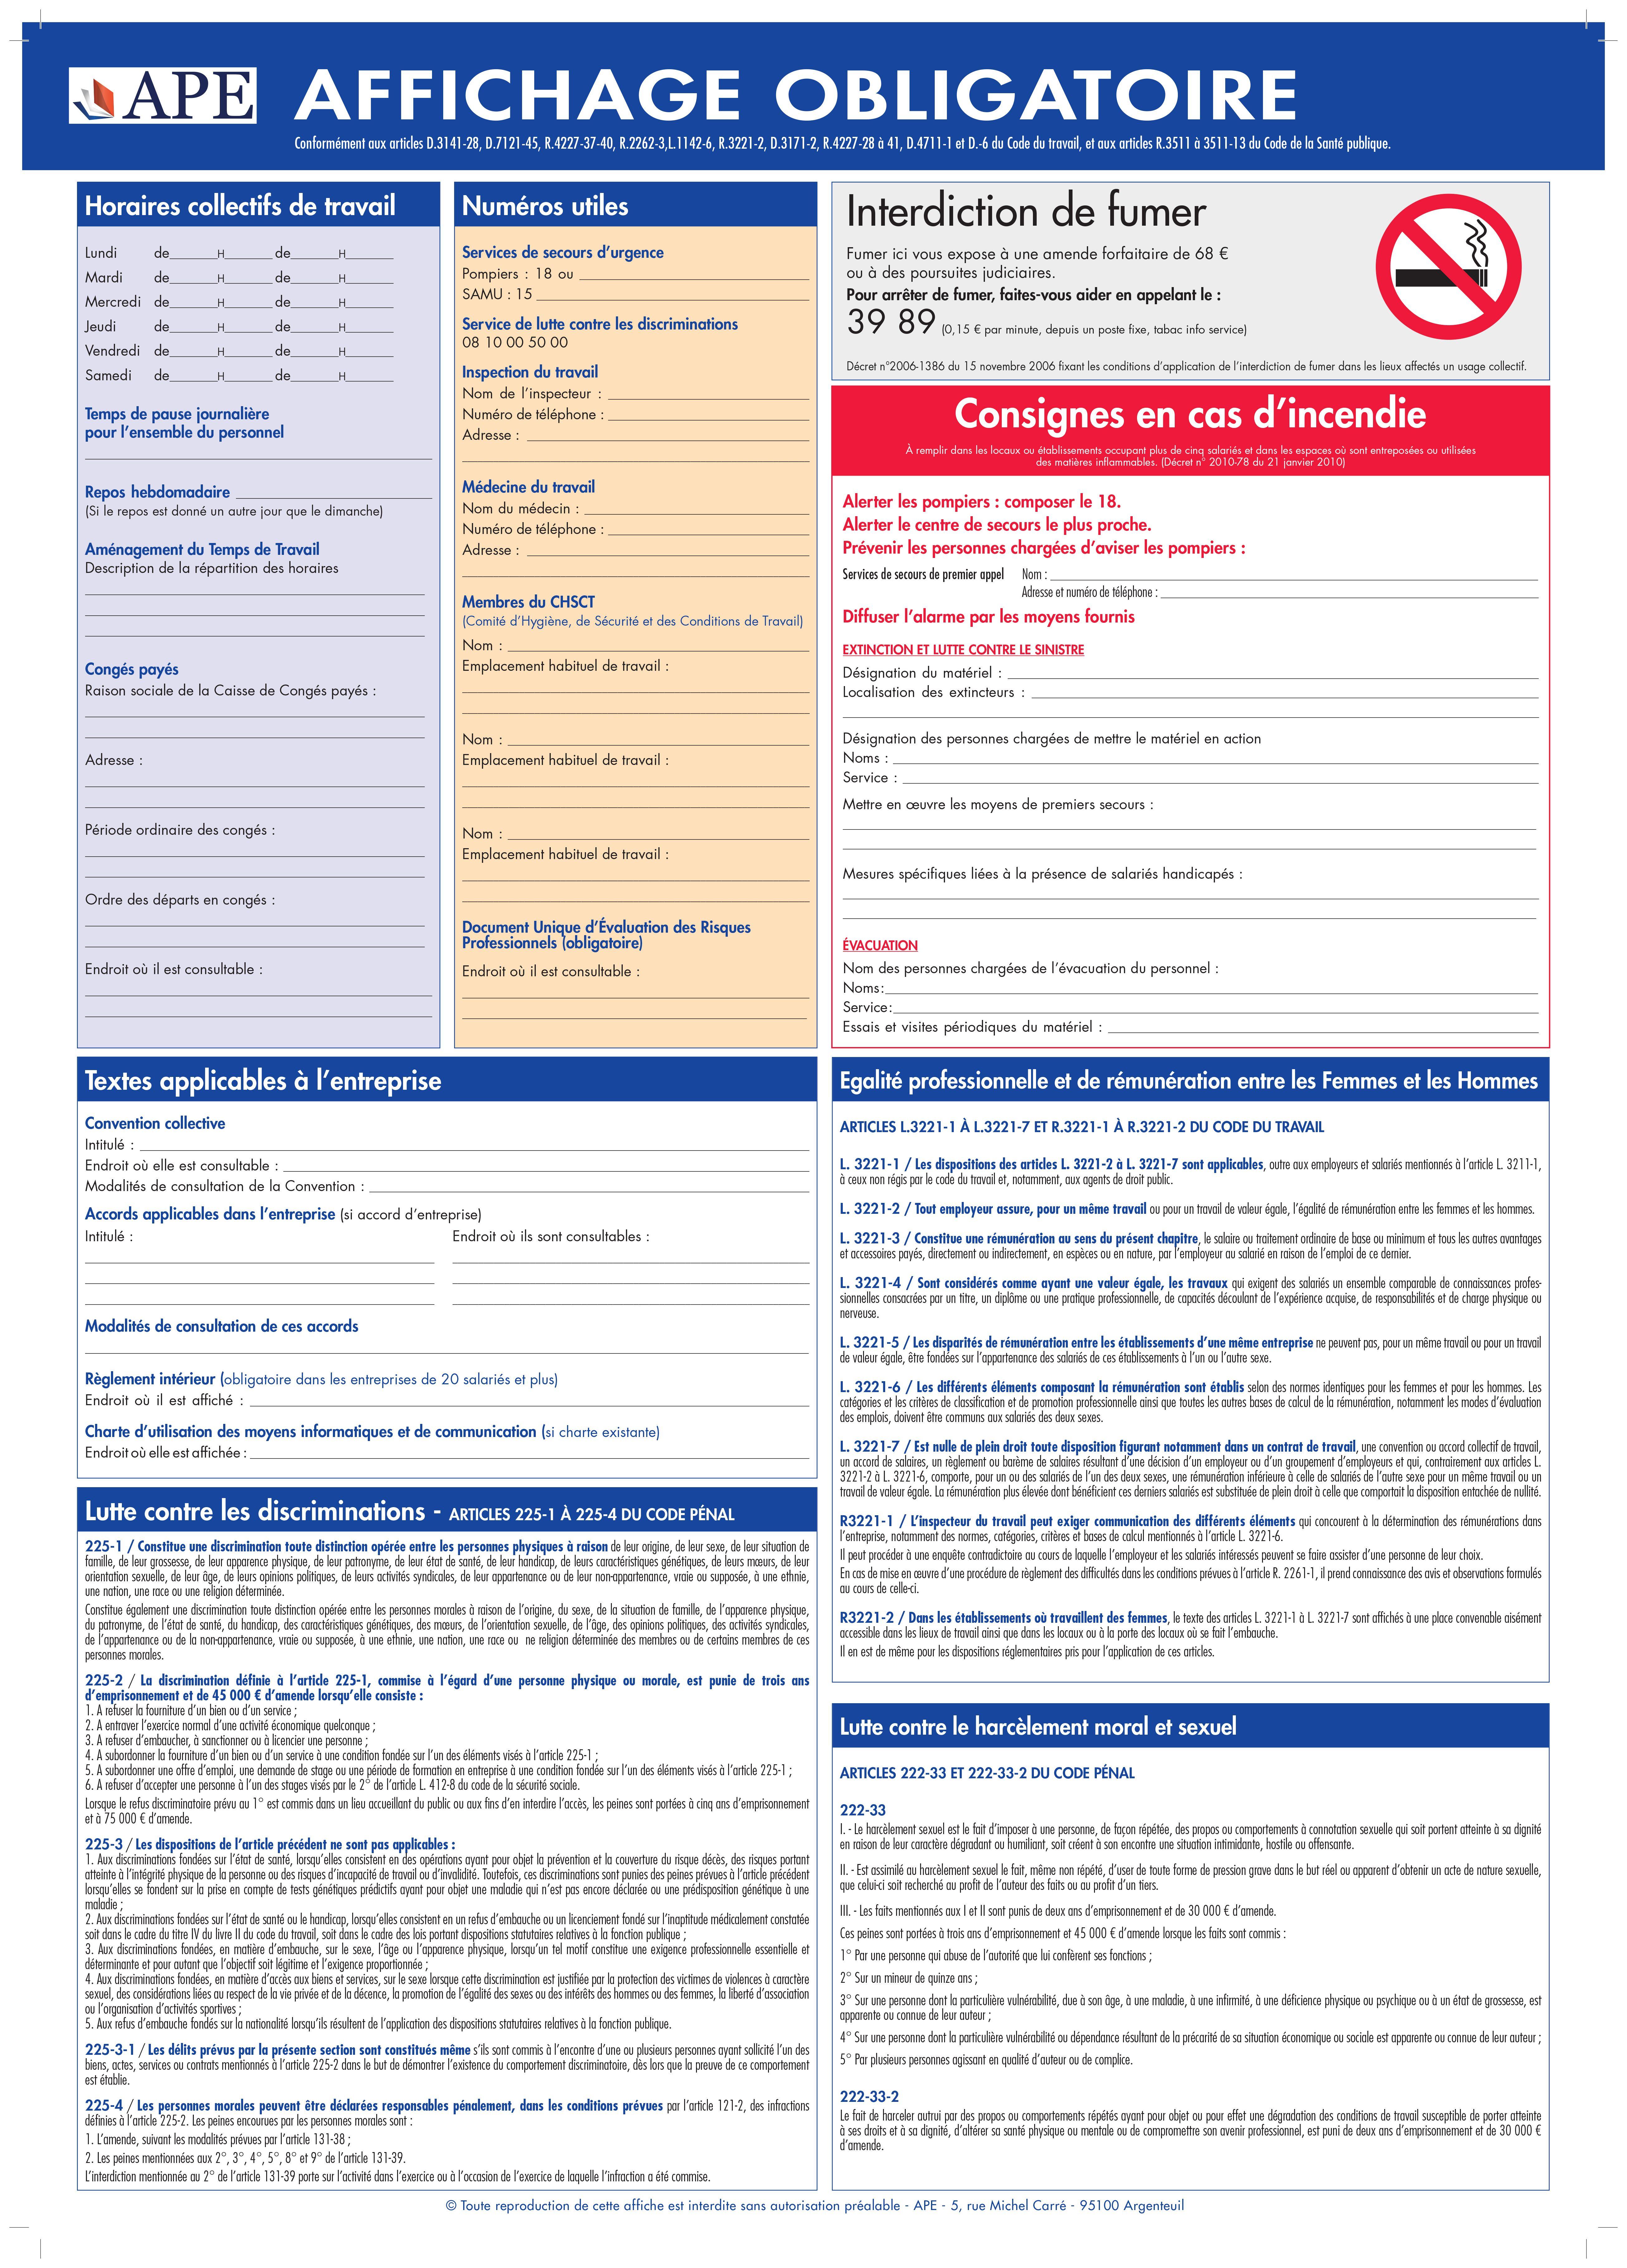 Ape Affichage Obligatoire Infographie Entreprise Lutte Contre Les Discriminations Affichage